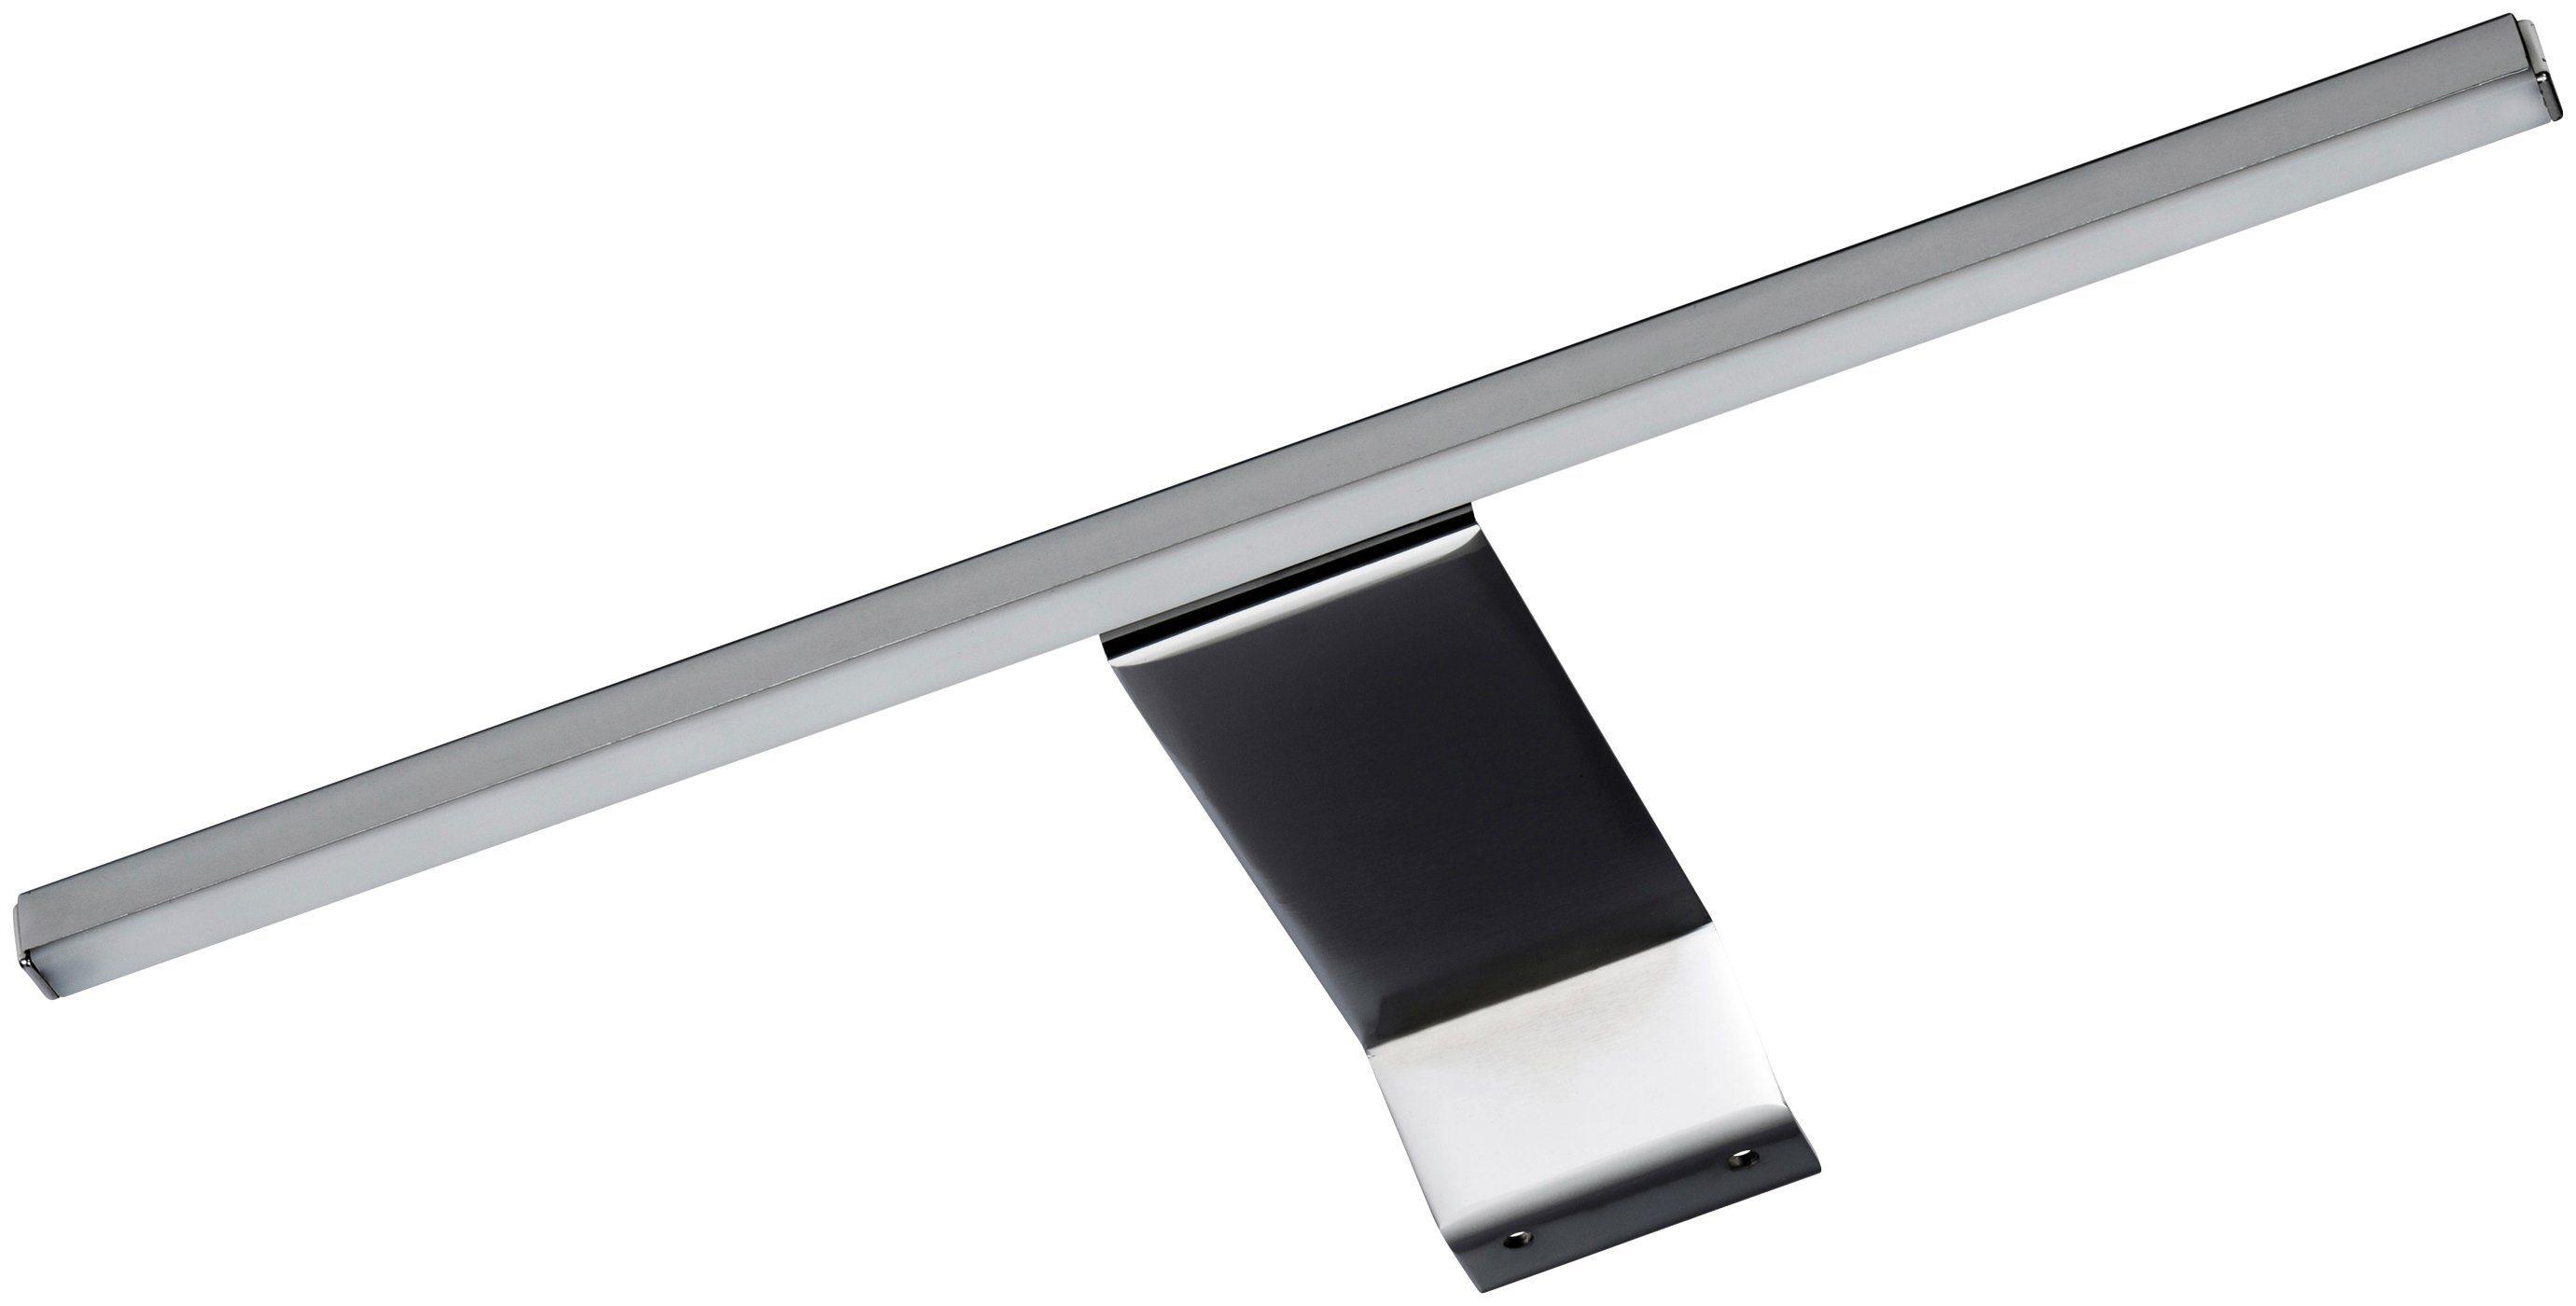 LED-Aufsatzleuchte , Breite 33,5 cm